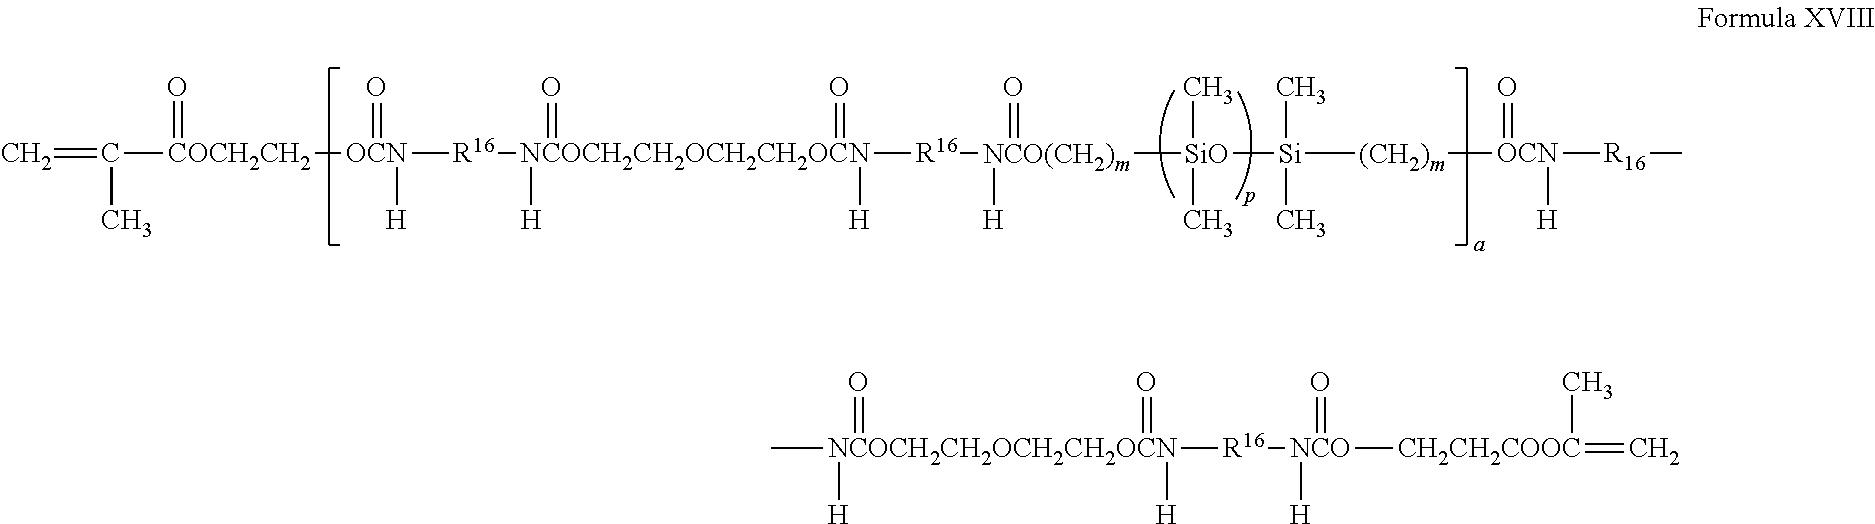 Figure US09522980-20161220-C00023